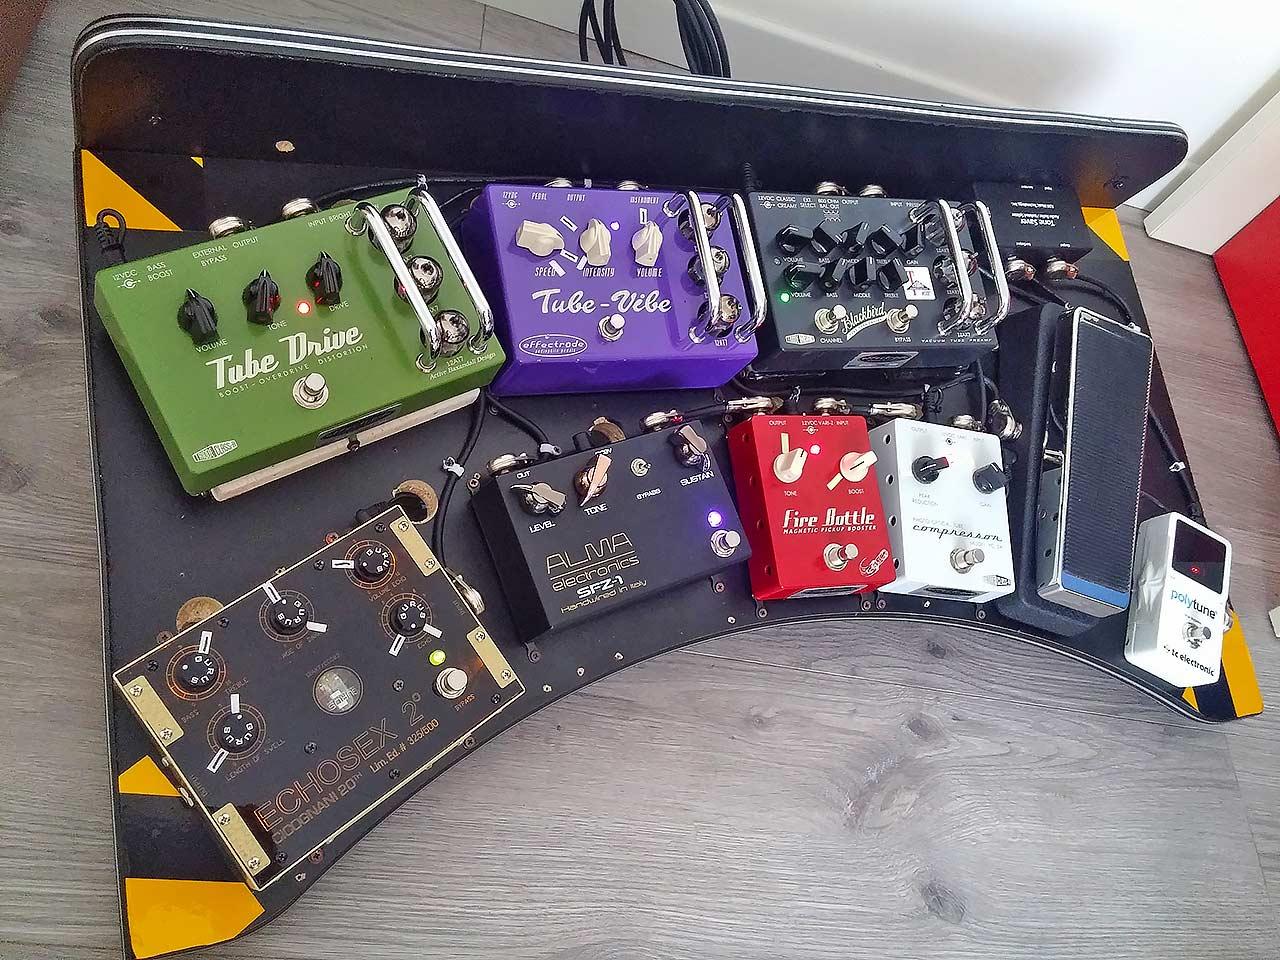 SonoTone Contest | My pedalboard...